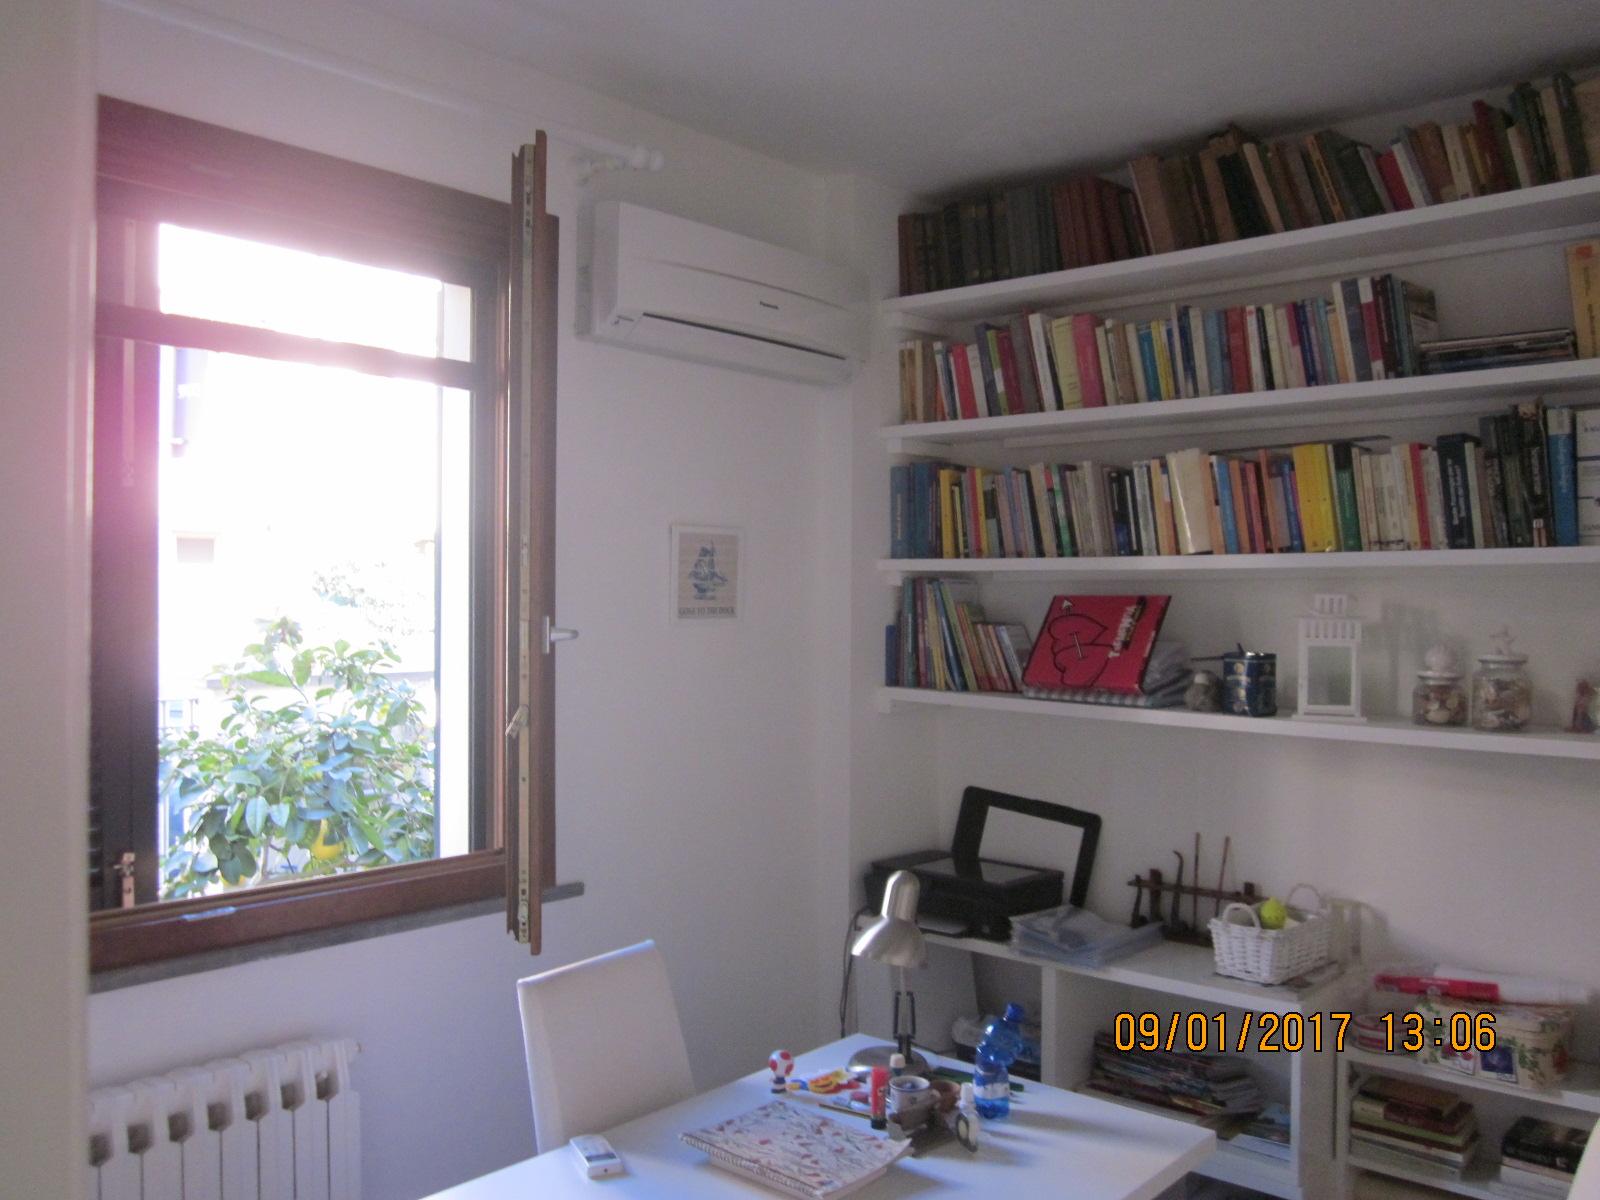 Soluzione Indipendente in affitto a Viareggio, 5 locali, zona Località: Entroterragenerico, prezzo € 1.000 | Cambio Casa.it